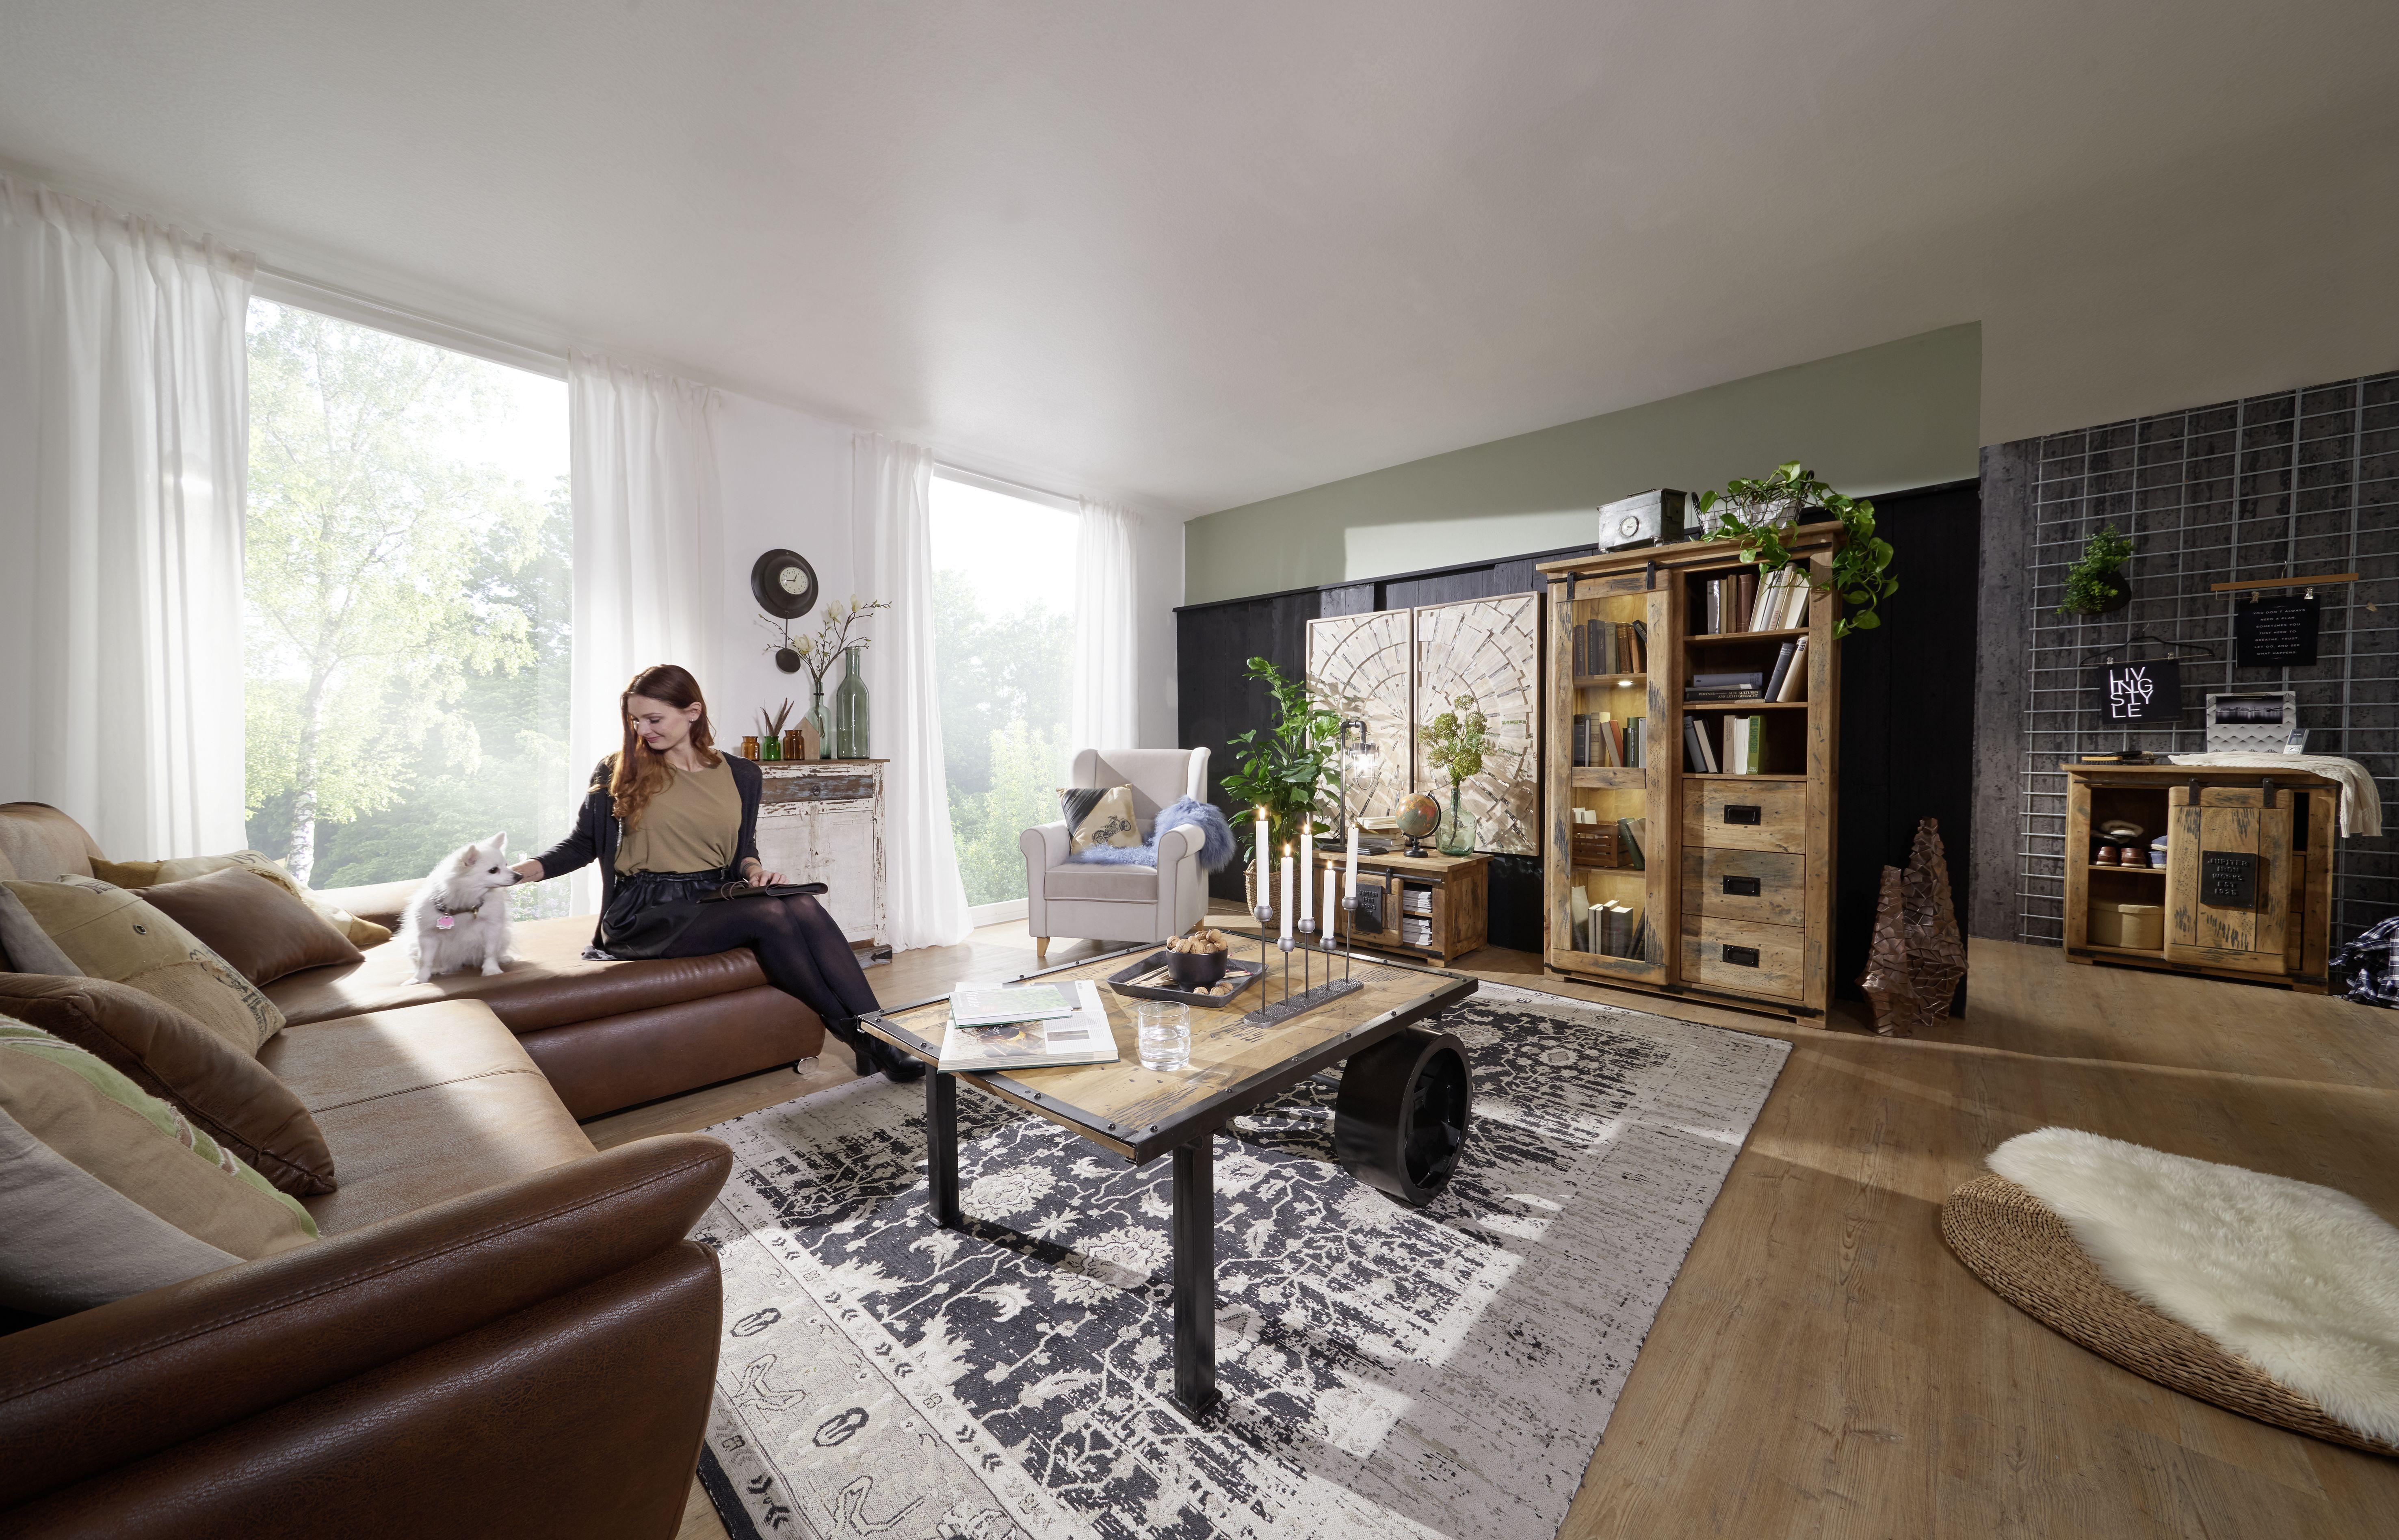 Das Vollmassive Holz Ist Gänzlich Naturbelassen. #möbel #wohnzimmer #holz # Echtholz #massivholz #wood #wooddesign #woodwork #homeinterior ...